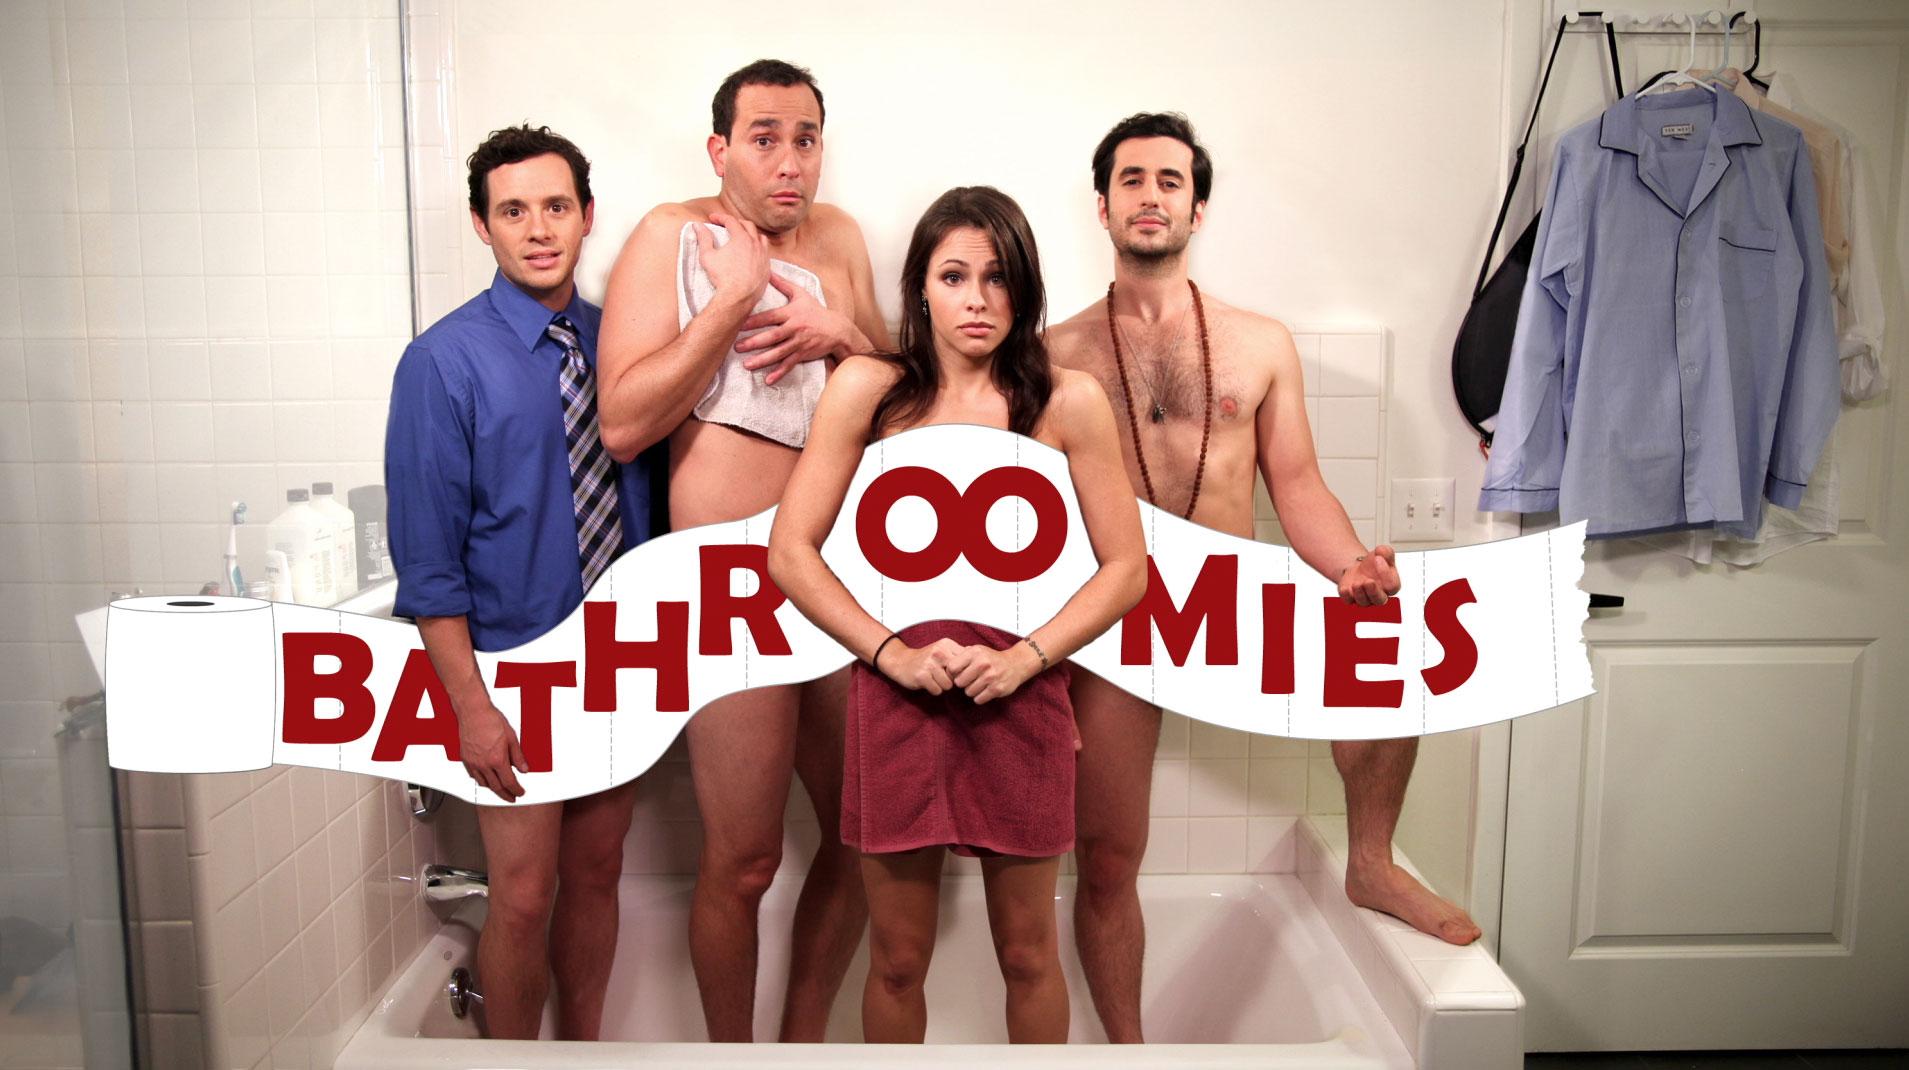 Screening of Bathroomies